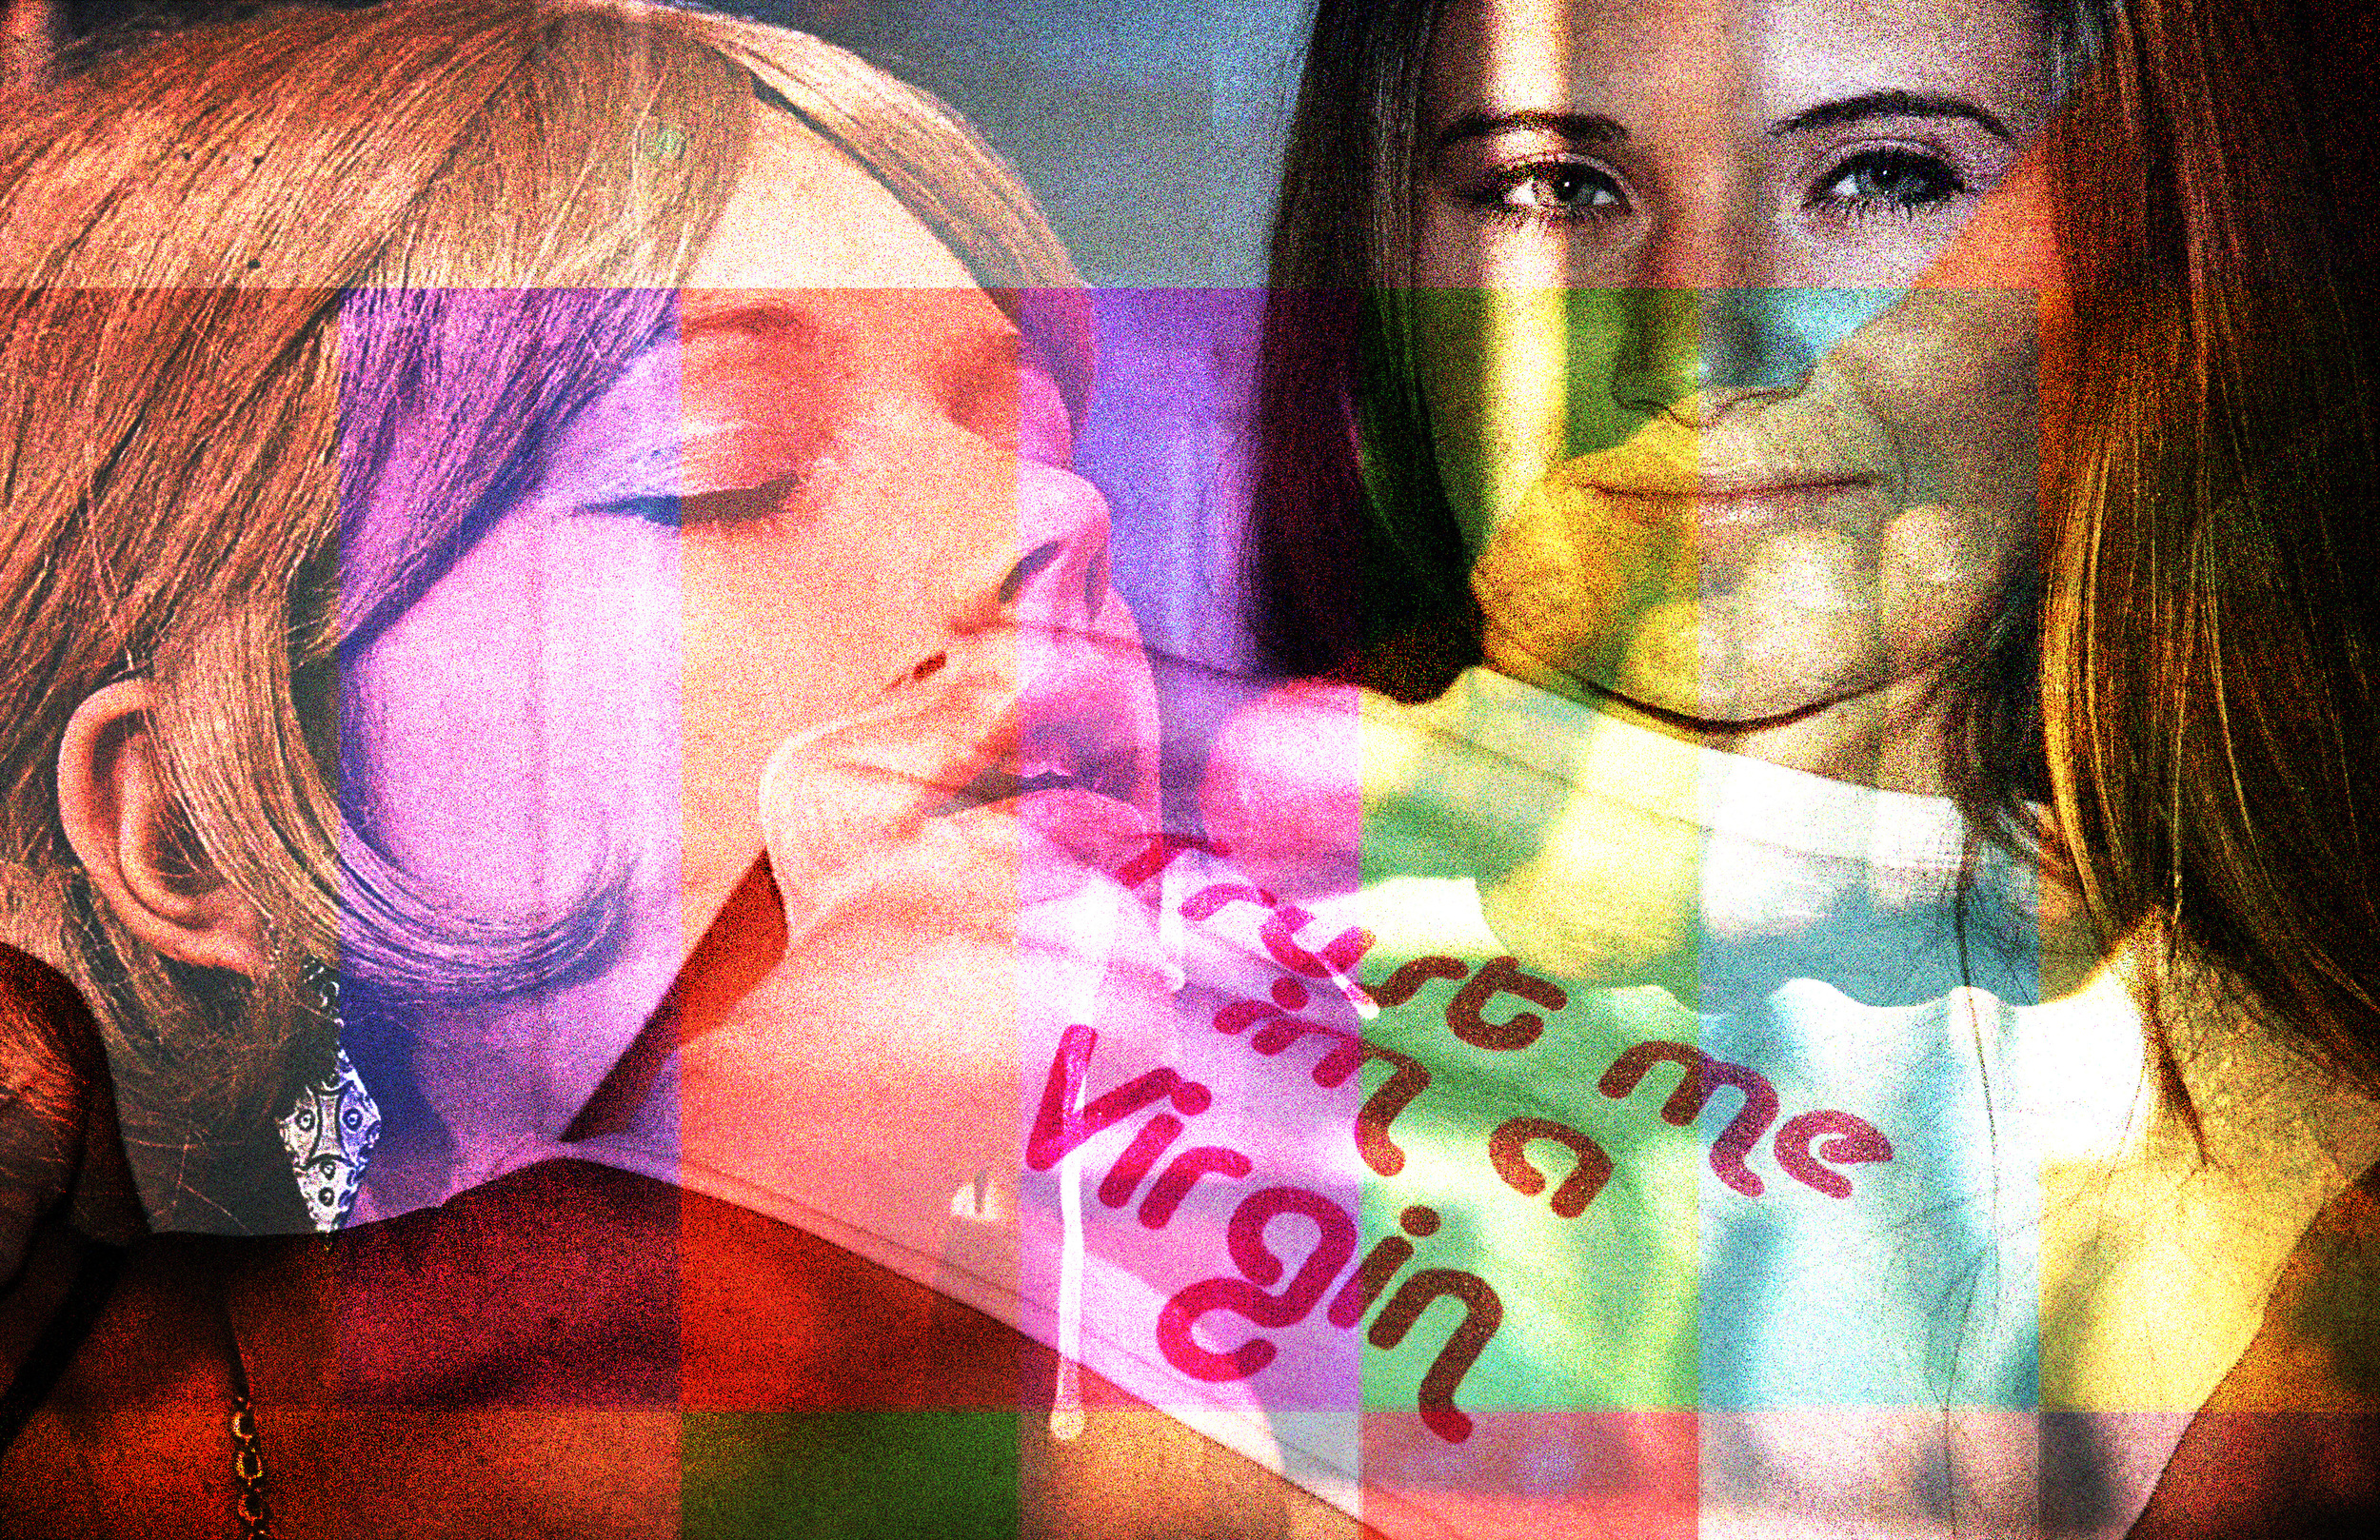 lover2_11x17.jpg